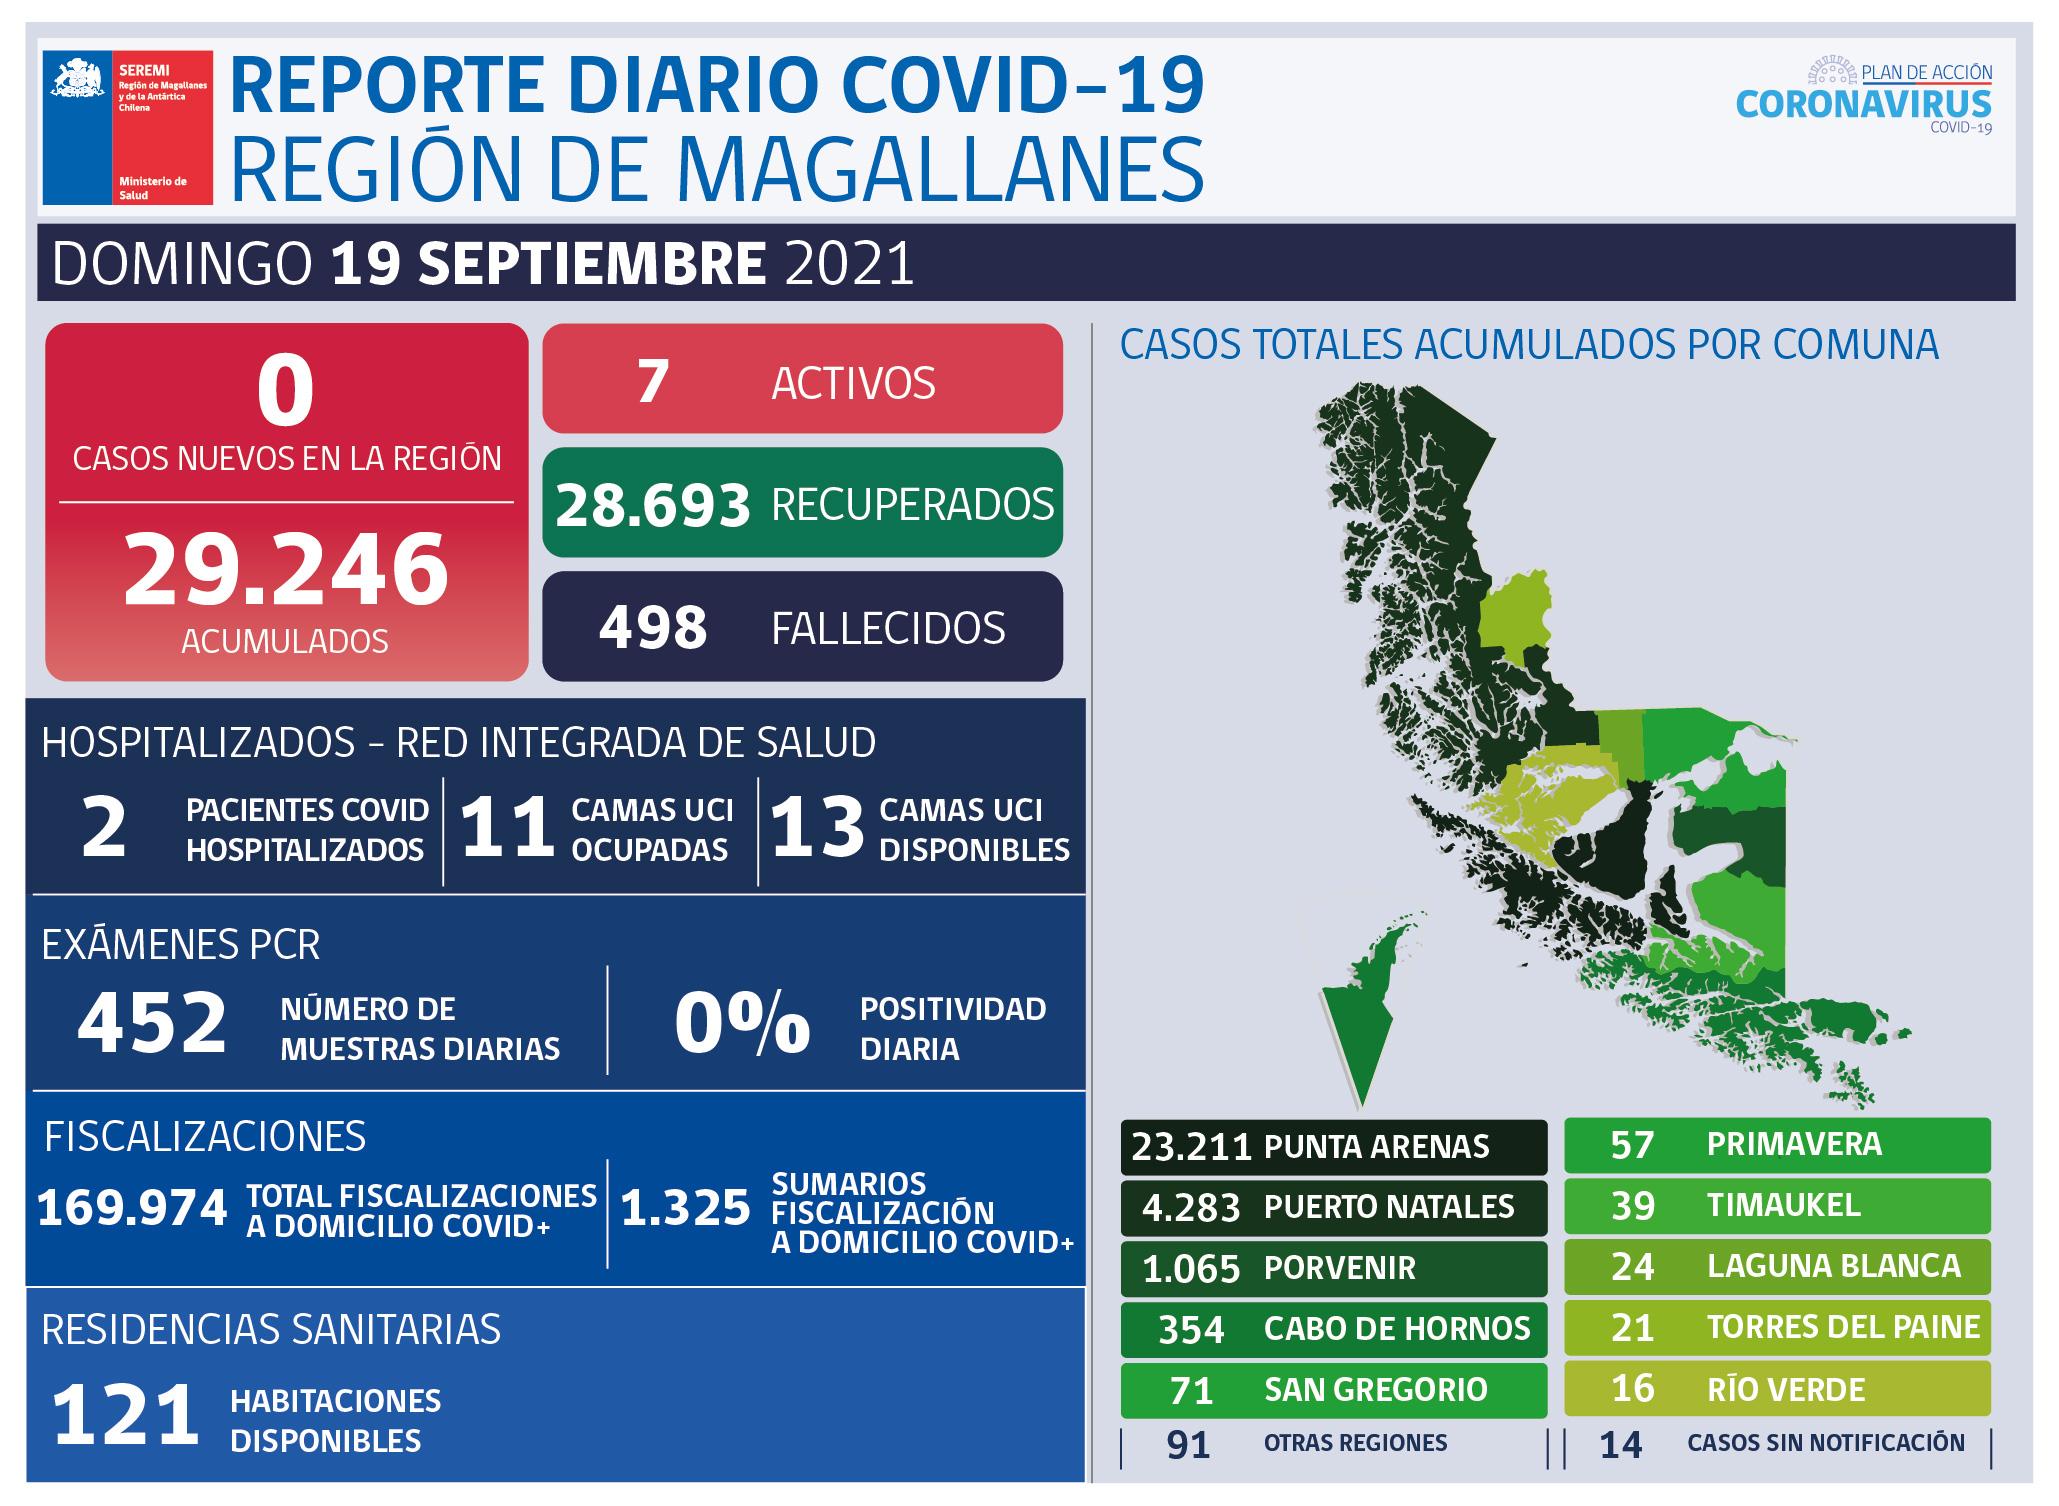 Hoy domingo 19 de septiembre Magallanes no registra casos de Covid-19